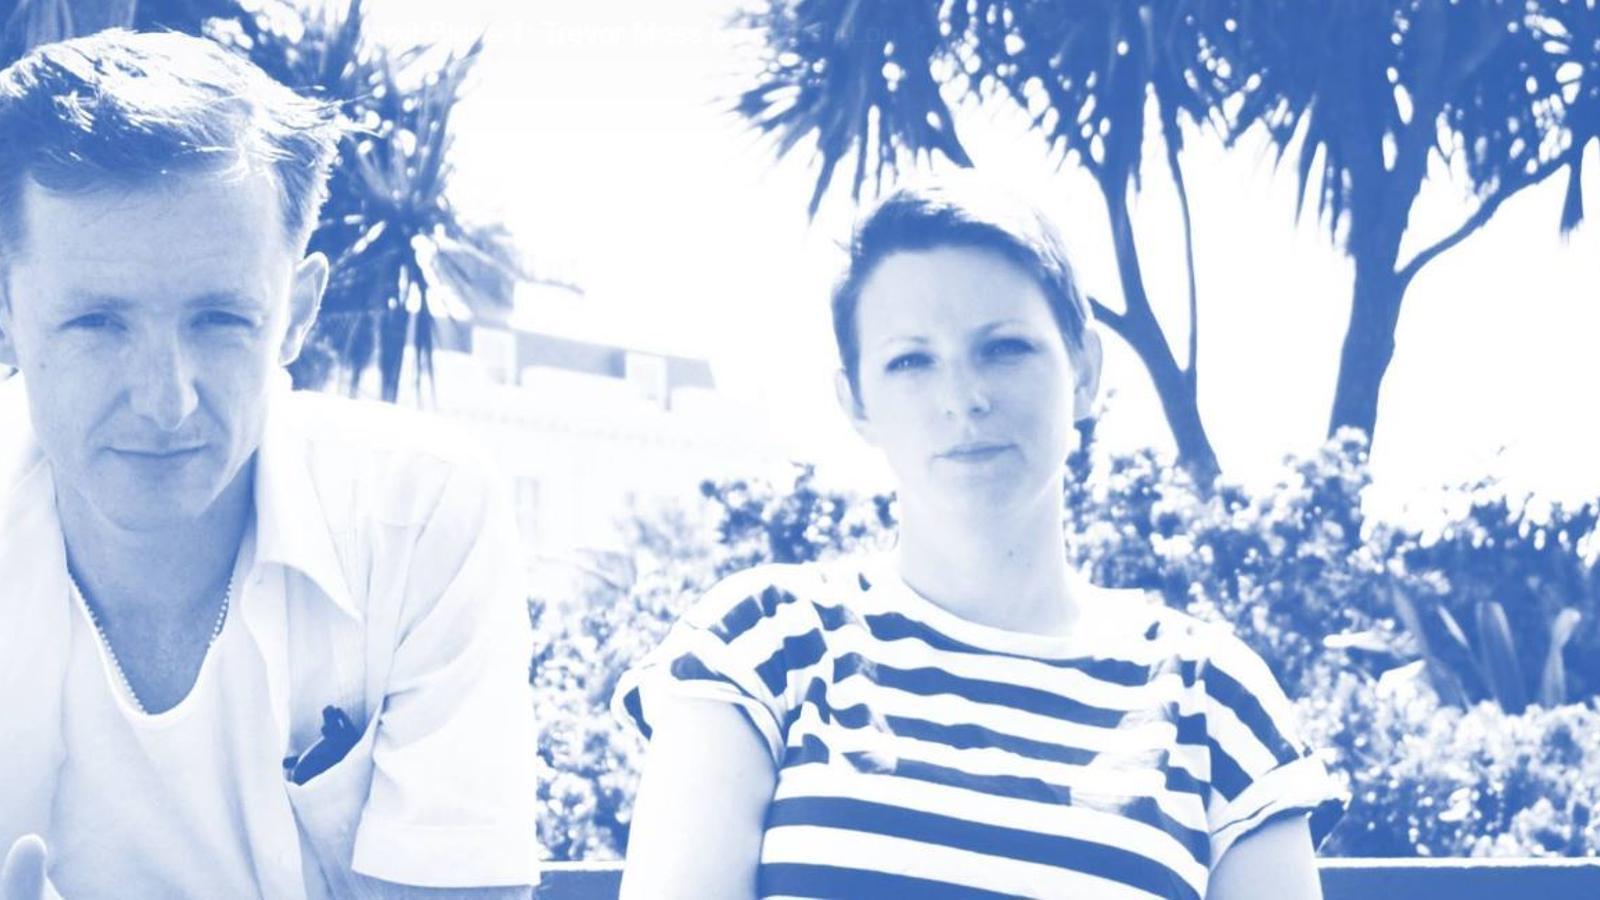 Els artistes Trevor Moss i Hannah-Lou actuaran a Ciutat el 14 de desembre